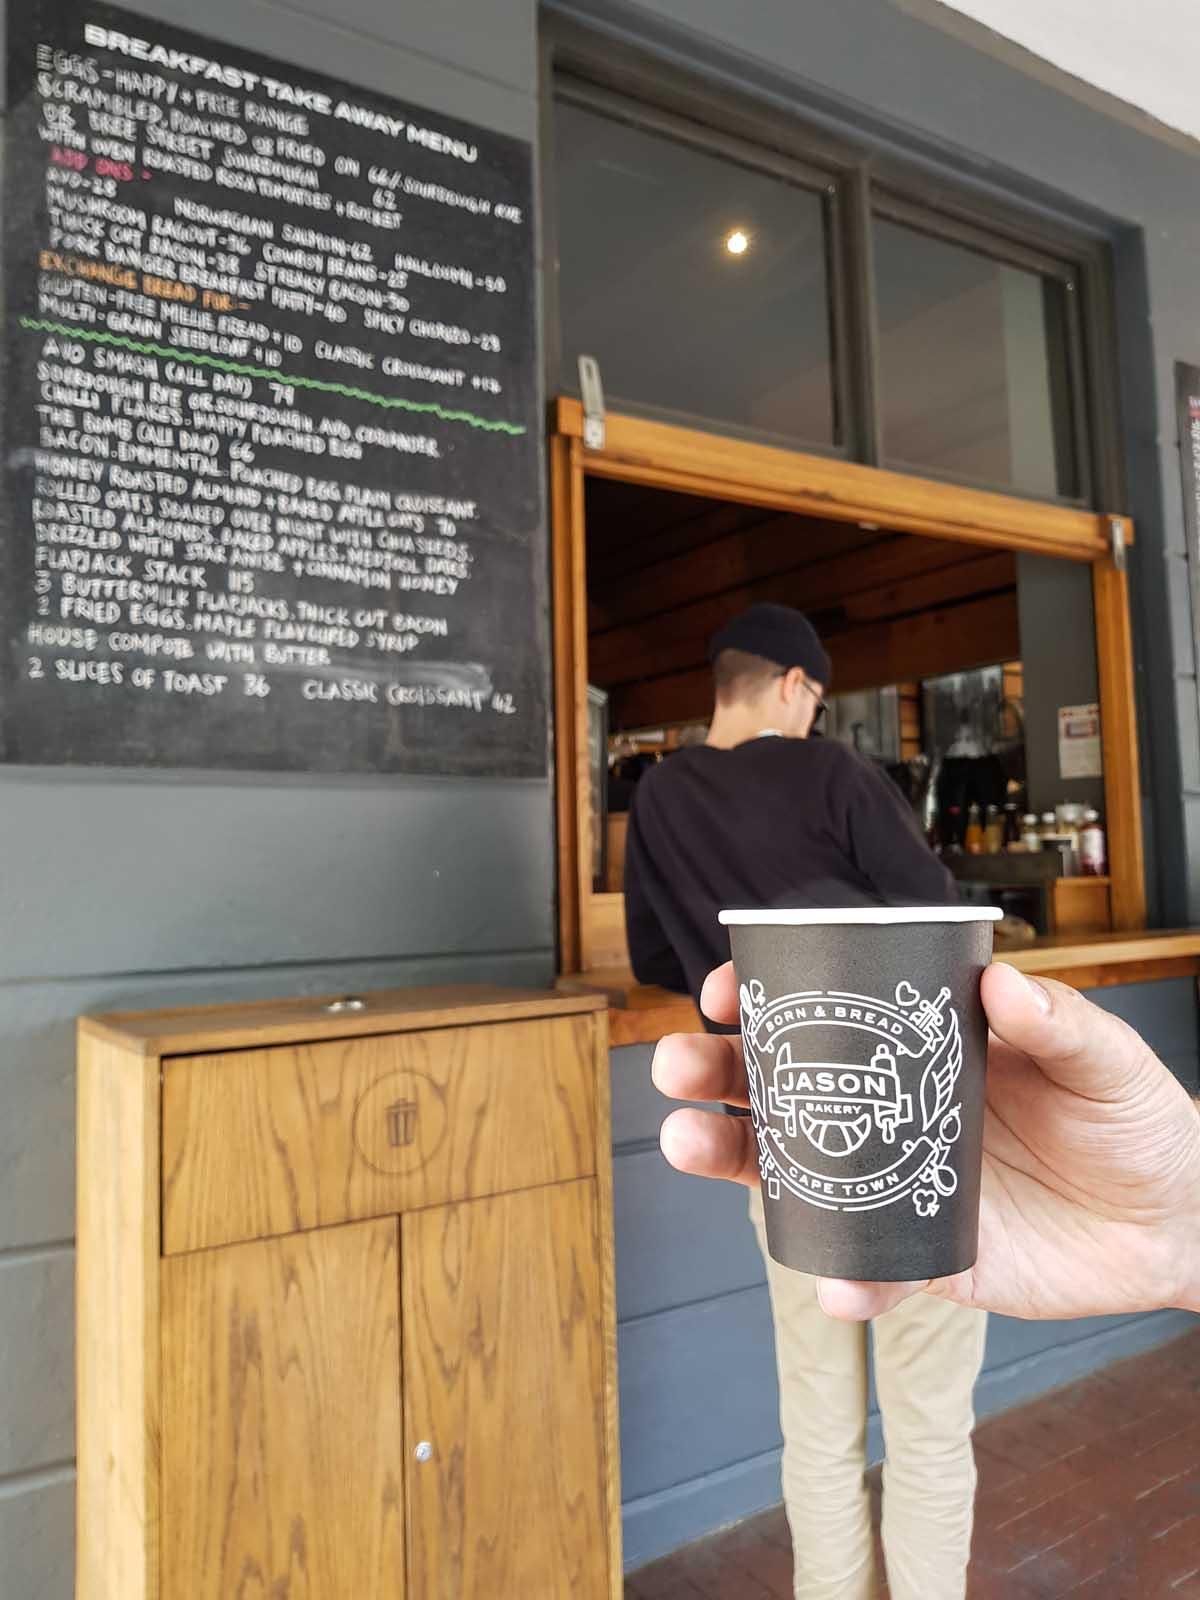 24x eten en drinken in het centrum van Kaapstad bij de leukste adresjes, Jason Bakery - Map of Joy